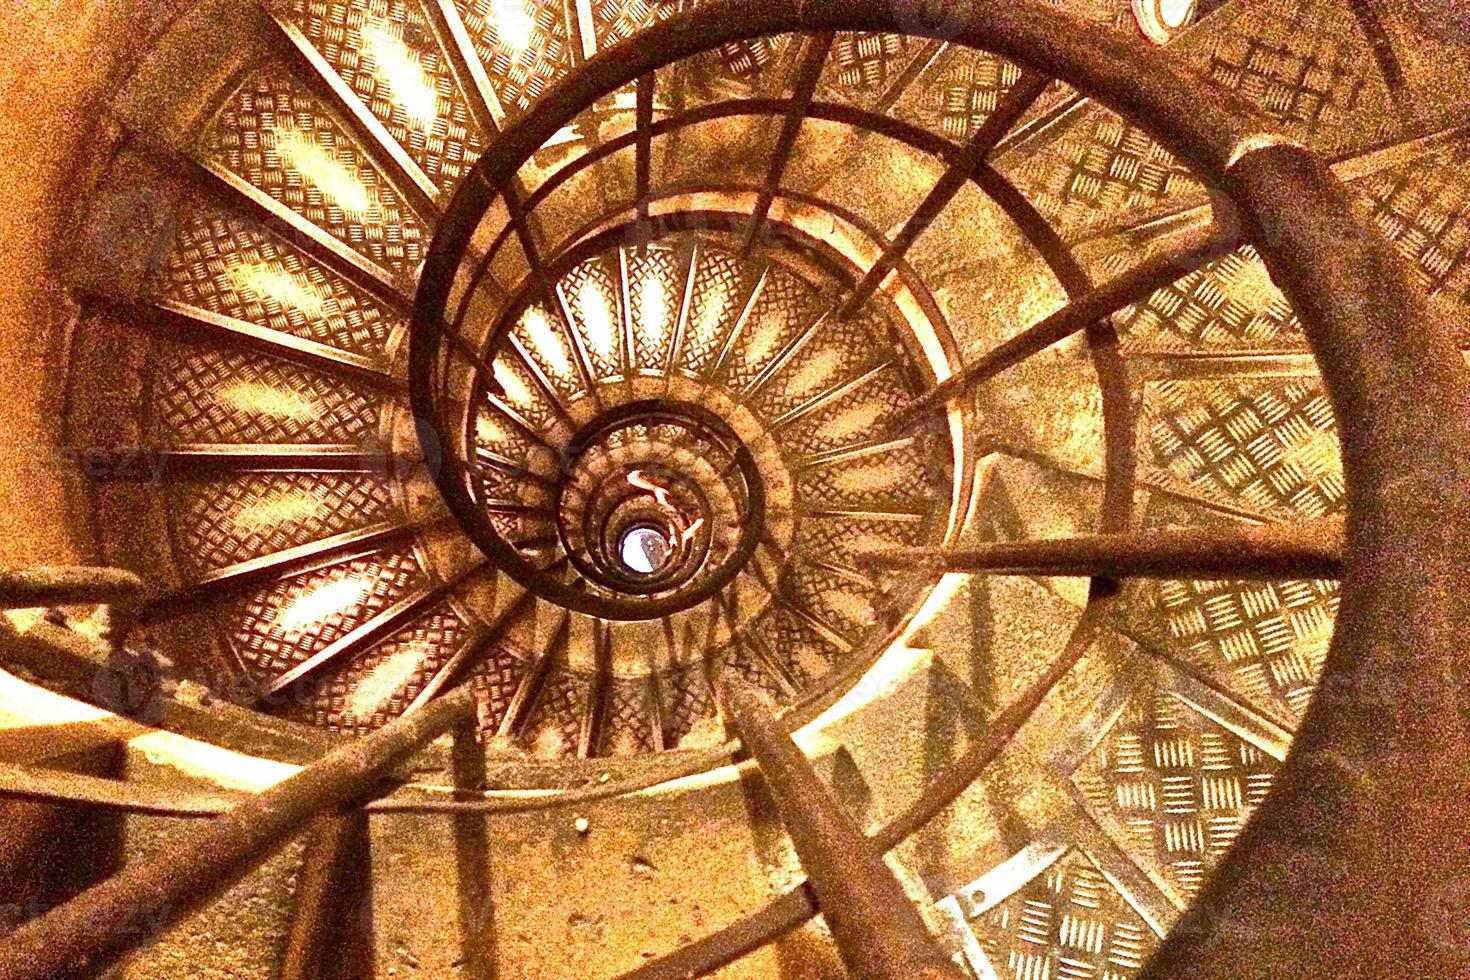 à l'intérieur d'un escalier en colimaçon photo